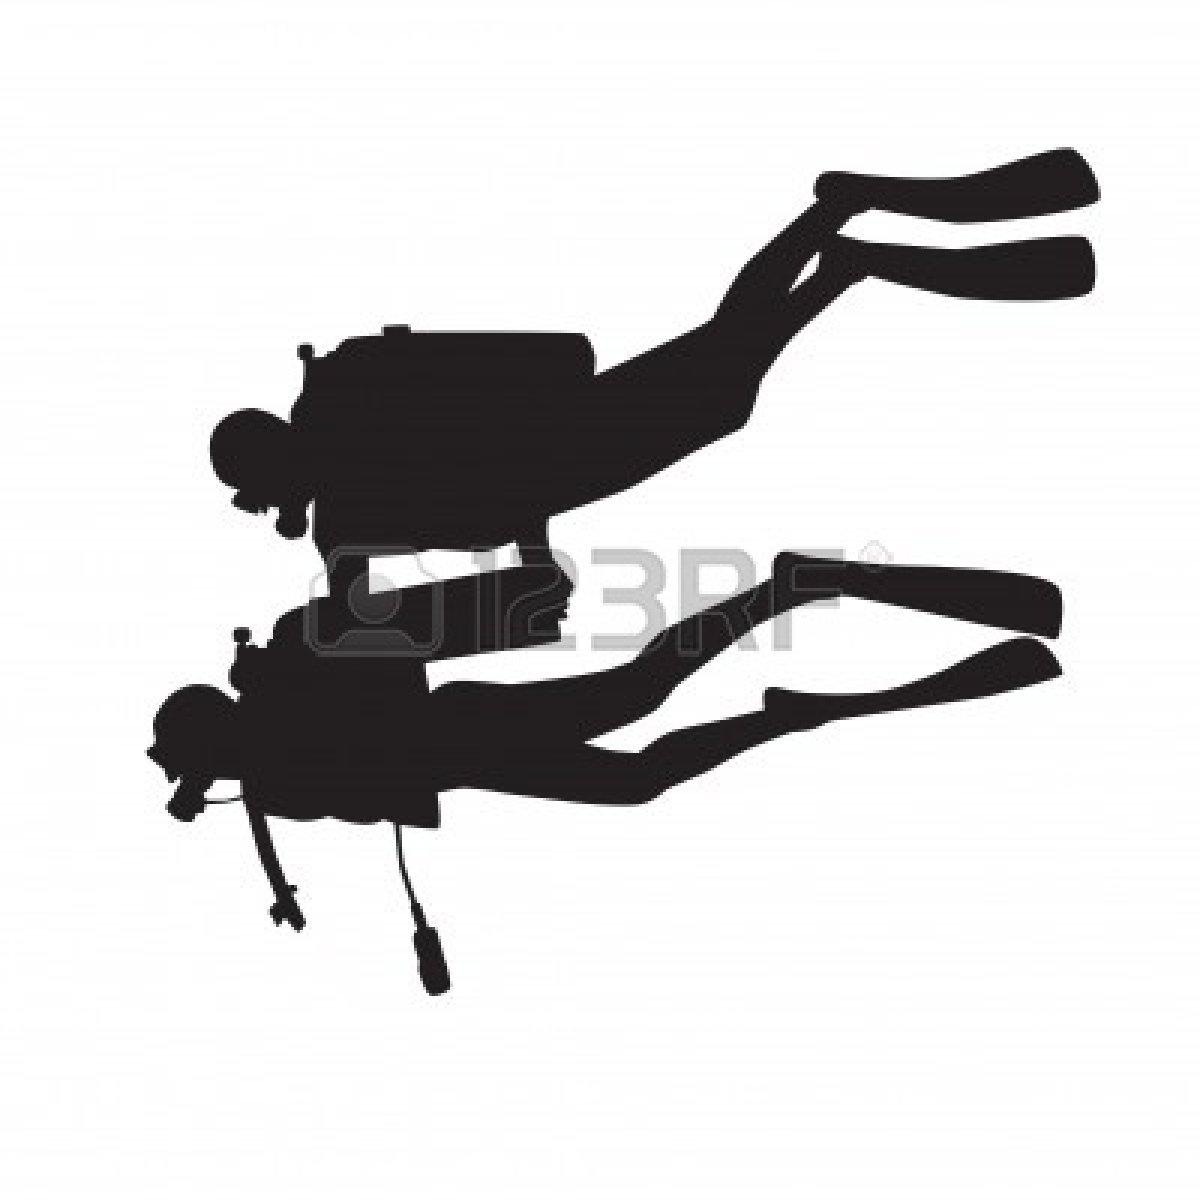 Scuba Diver Mask Scuba Diver